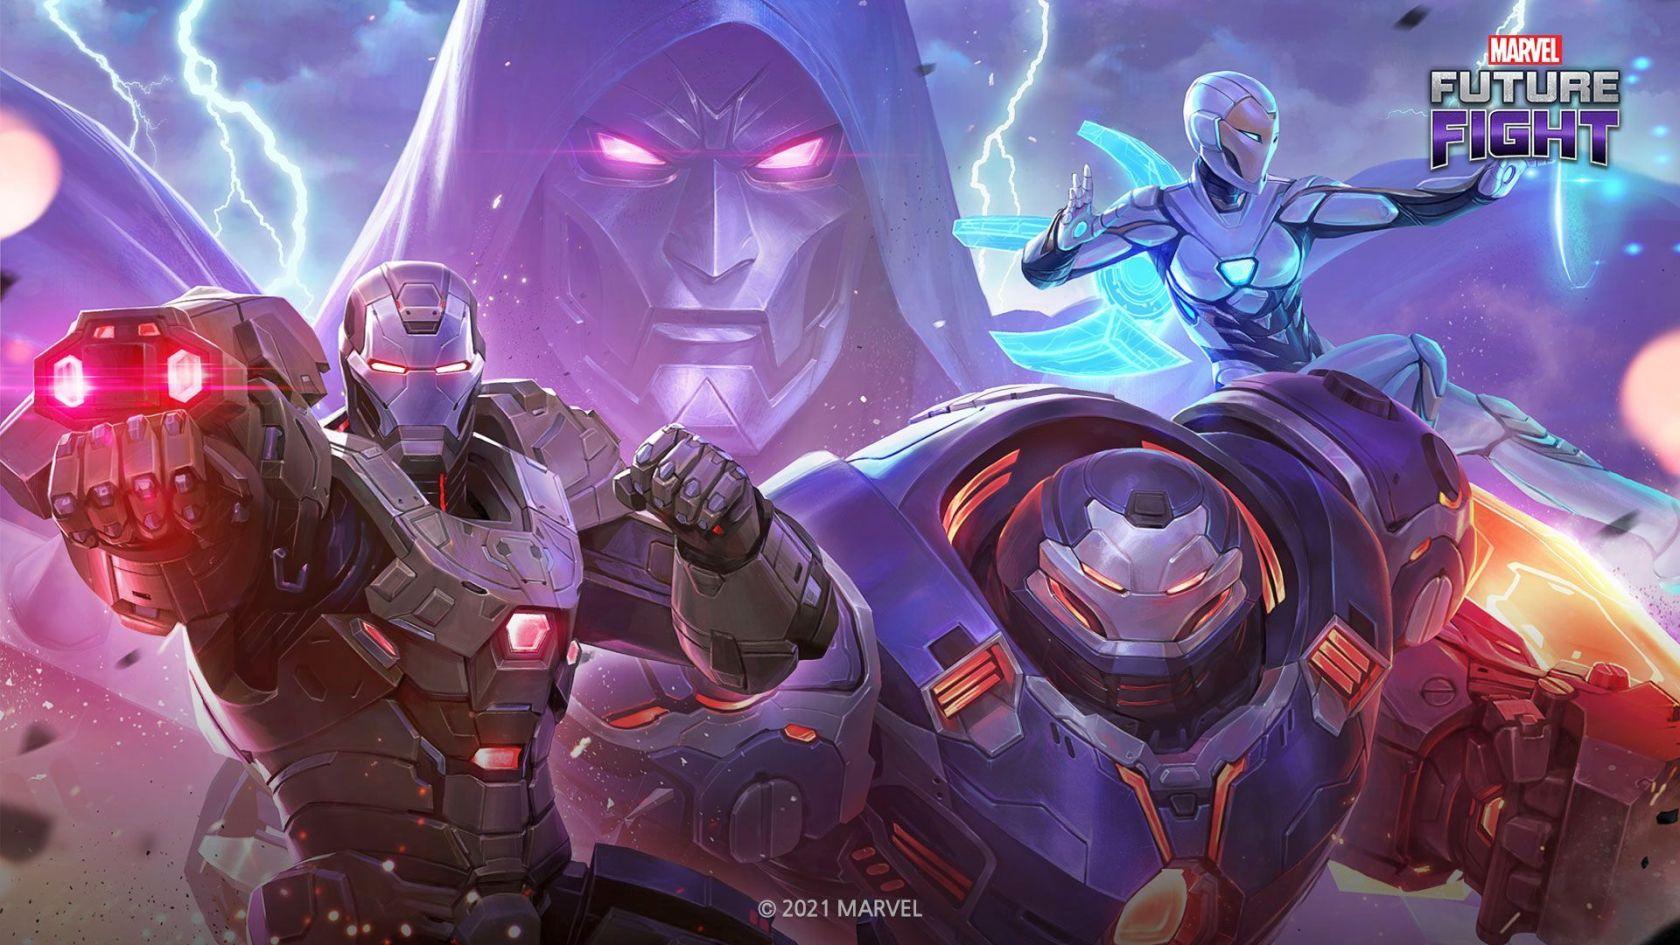 (NEWS) Marvel Future Fight 2 - Netmarble